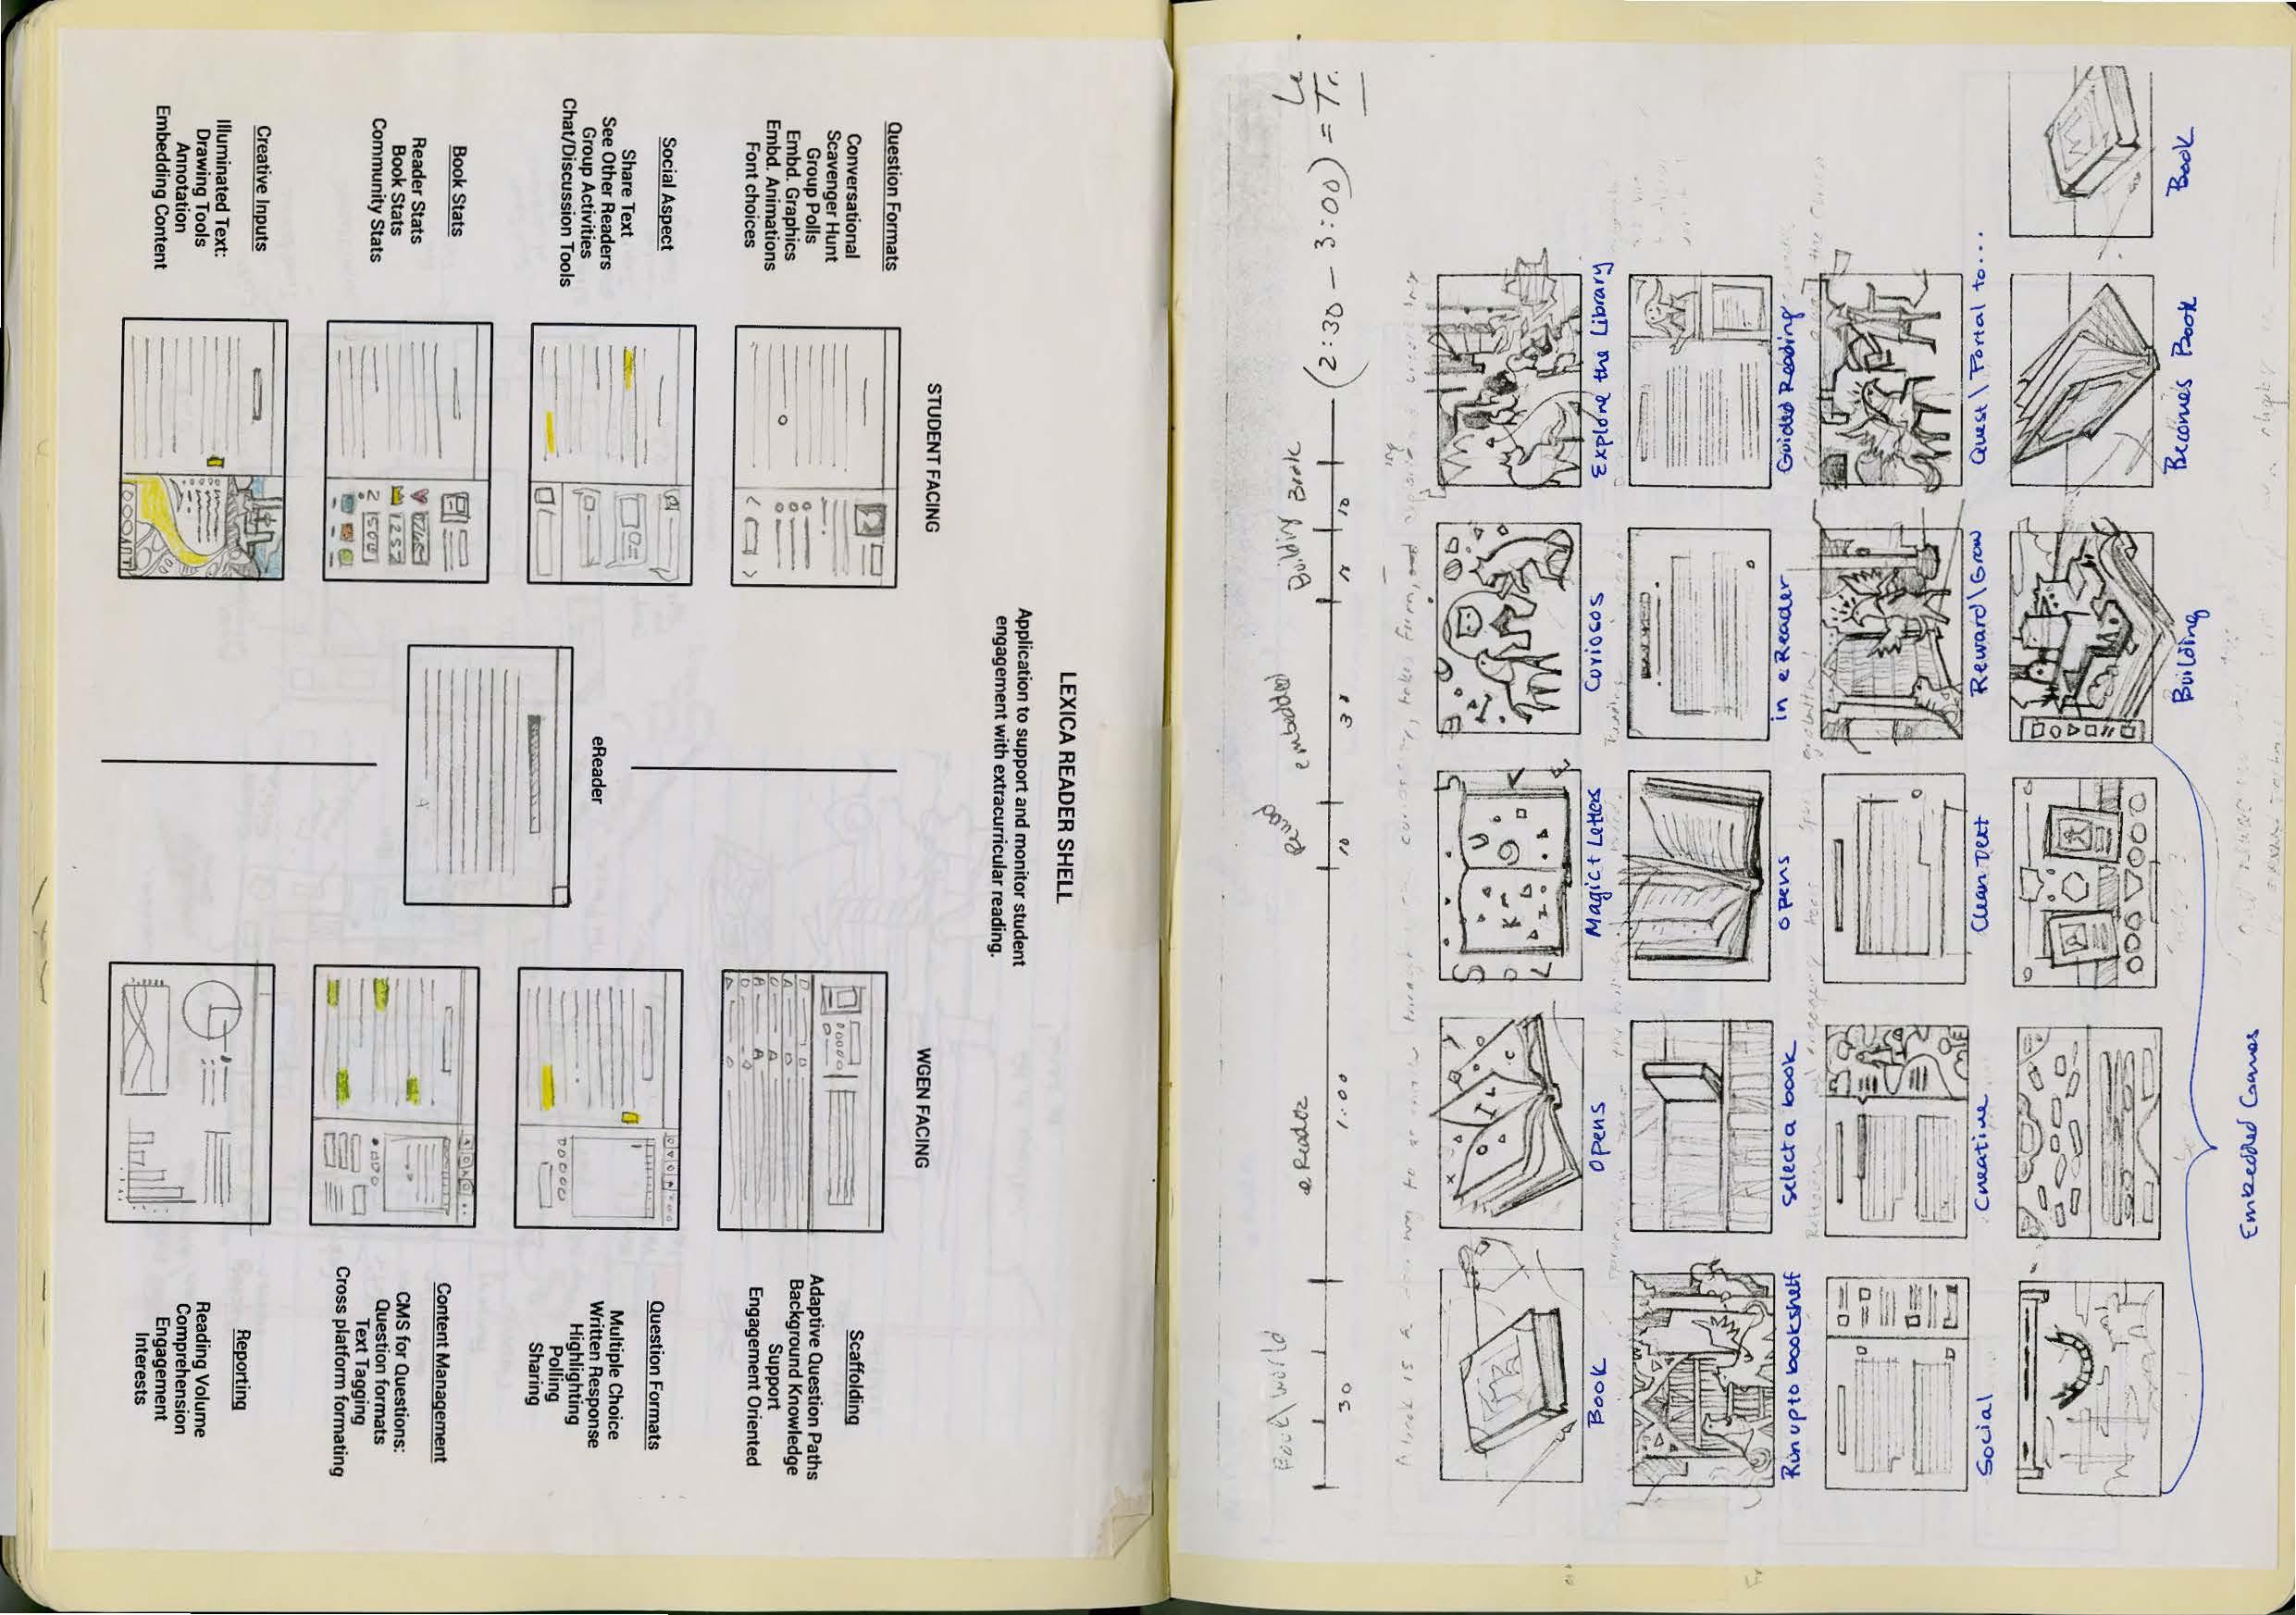 Librariana_SkBk_Page_36.jpg